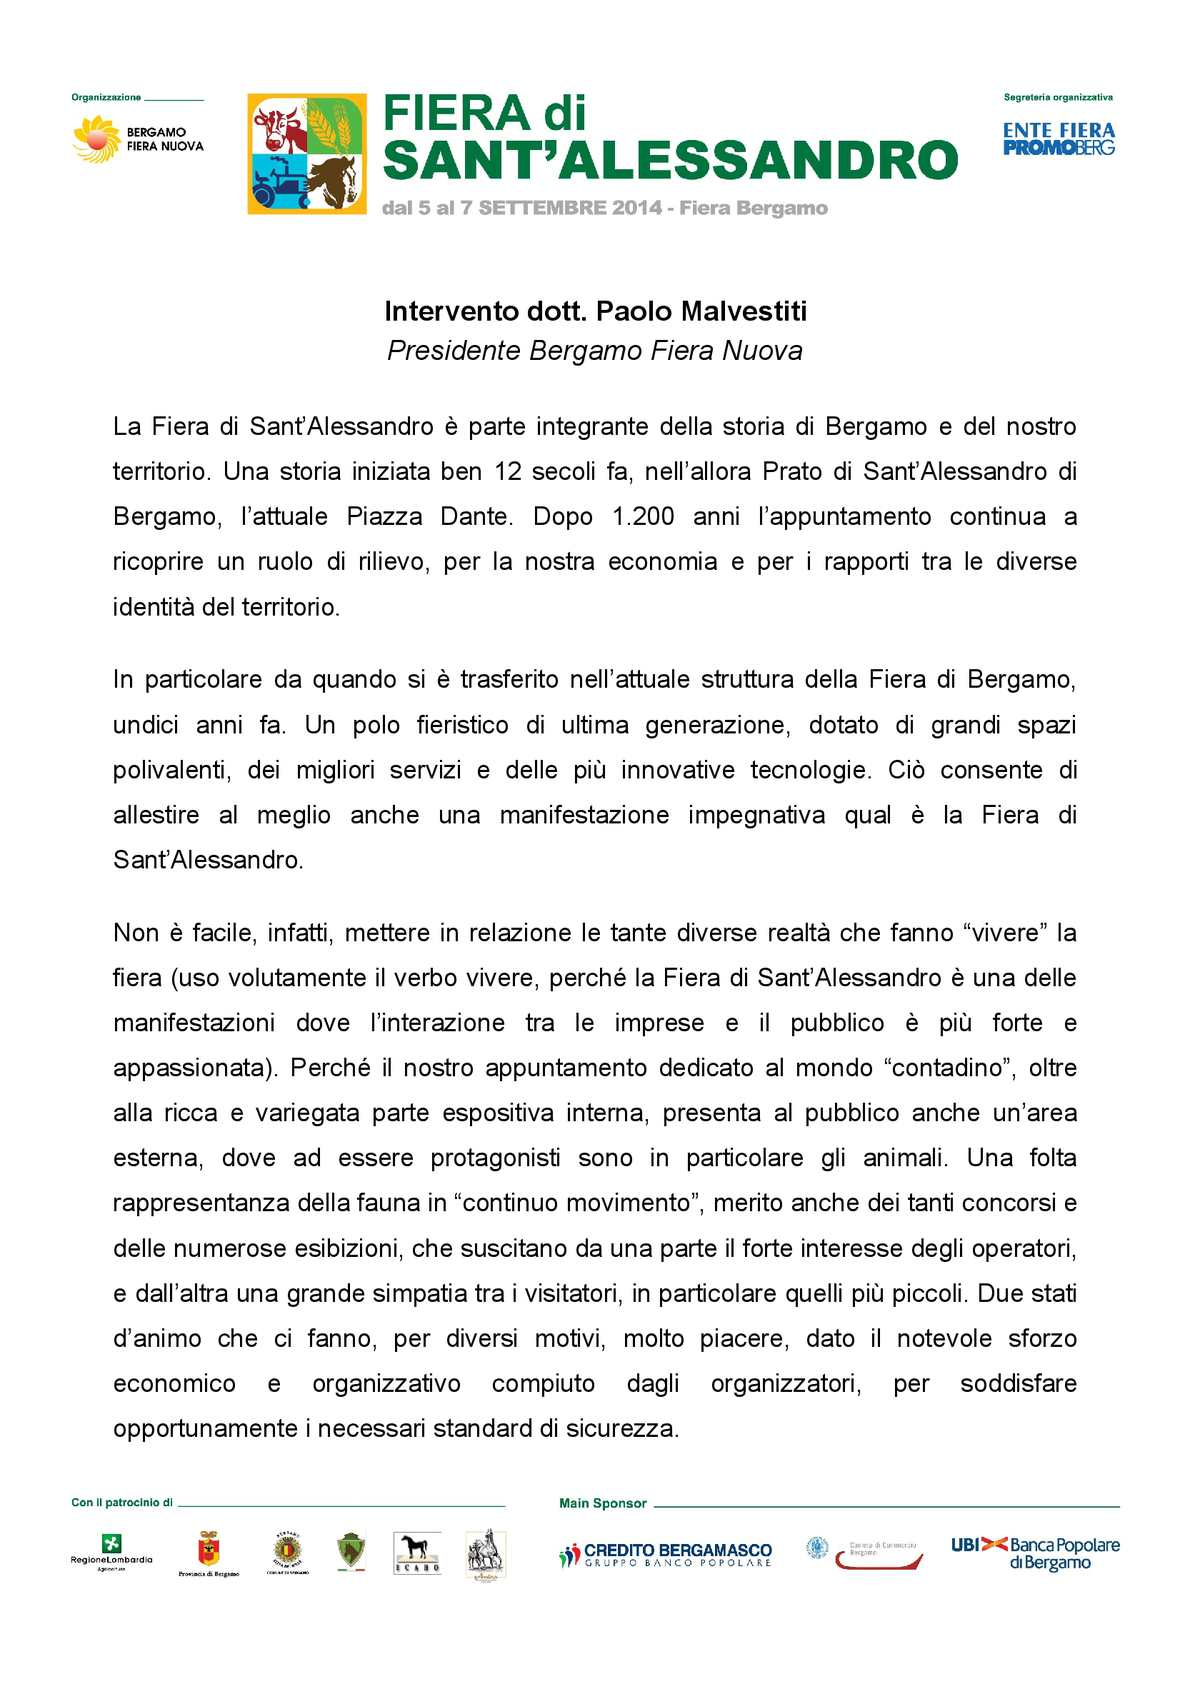 Leggi l'intervento del dott. Paolo Malvestiti